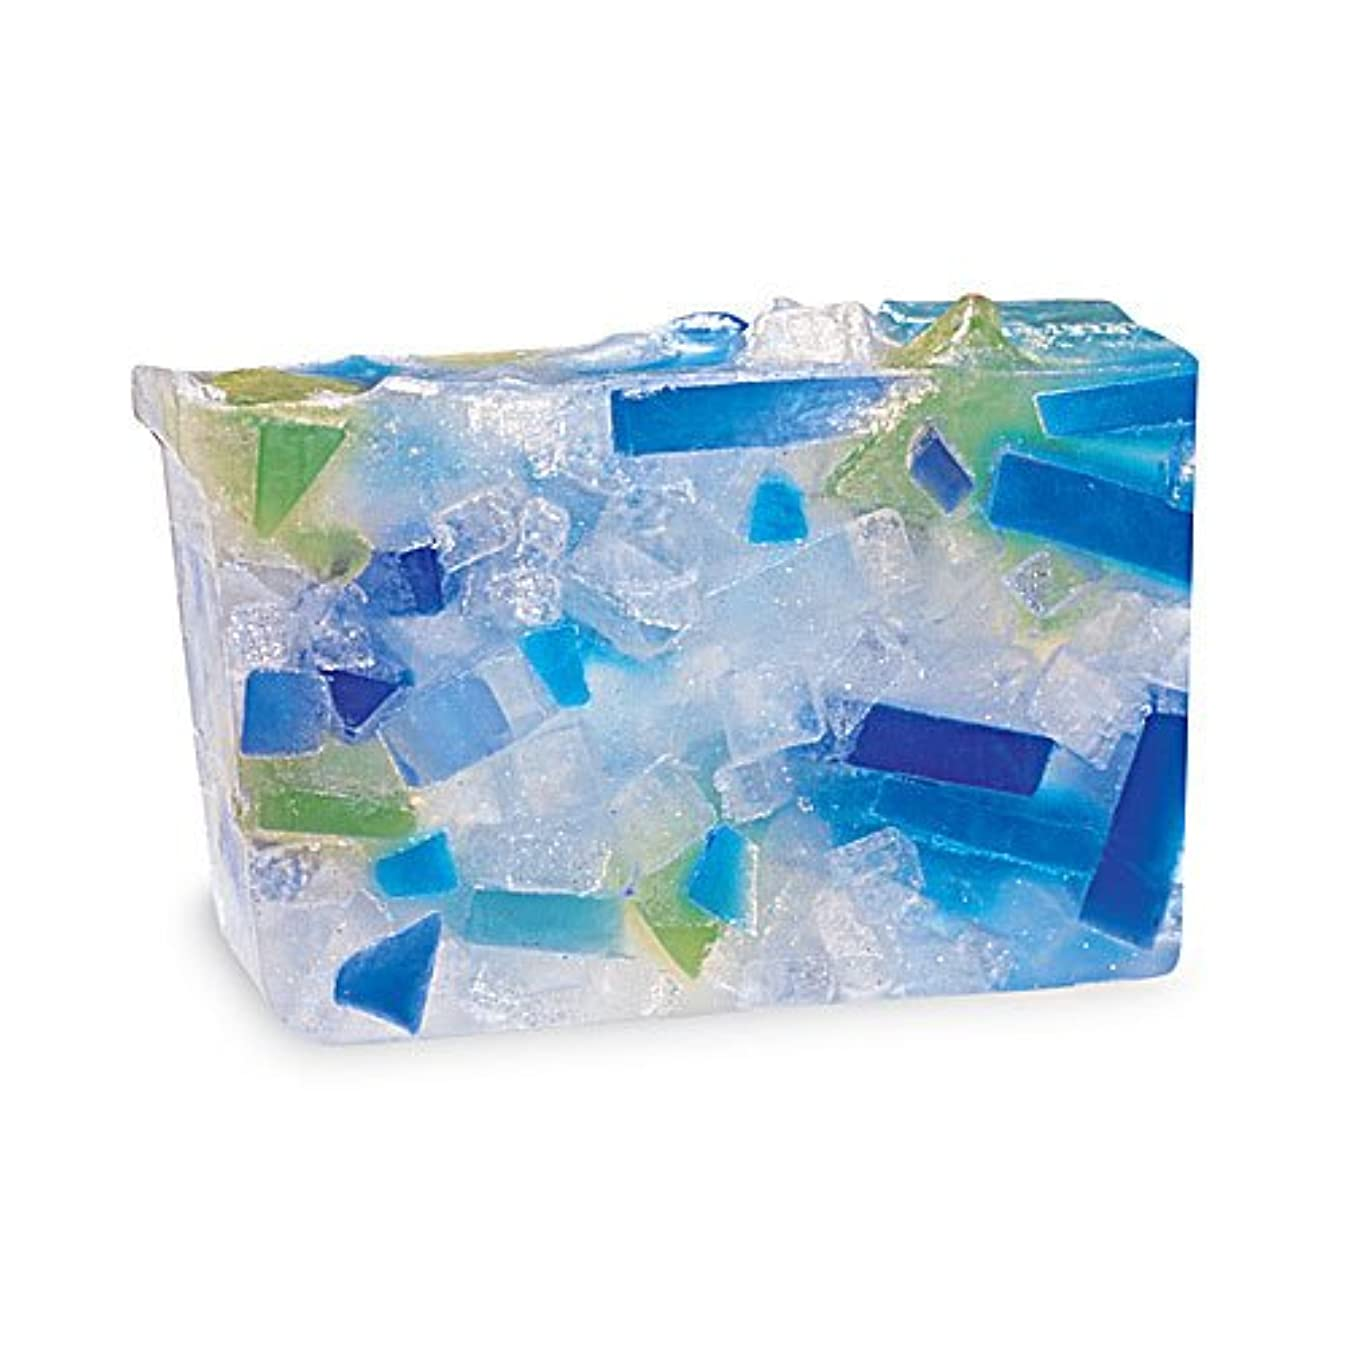 要求するそっと道プライモールエレメンツ アロマティック ソープ ビーチグラス 180g 植物性 ナチュラル 石鹸 無添加